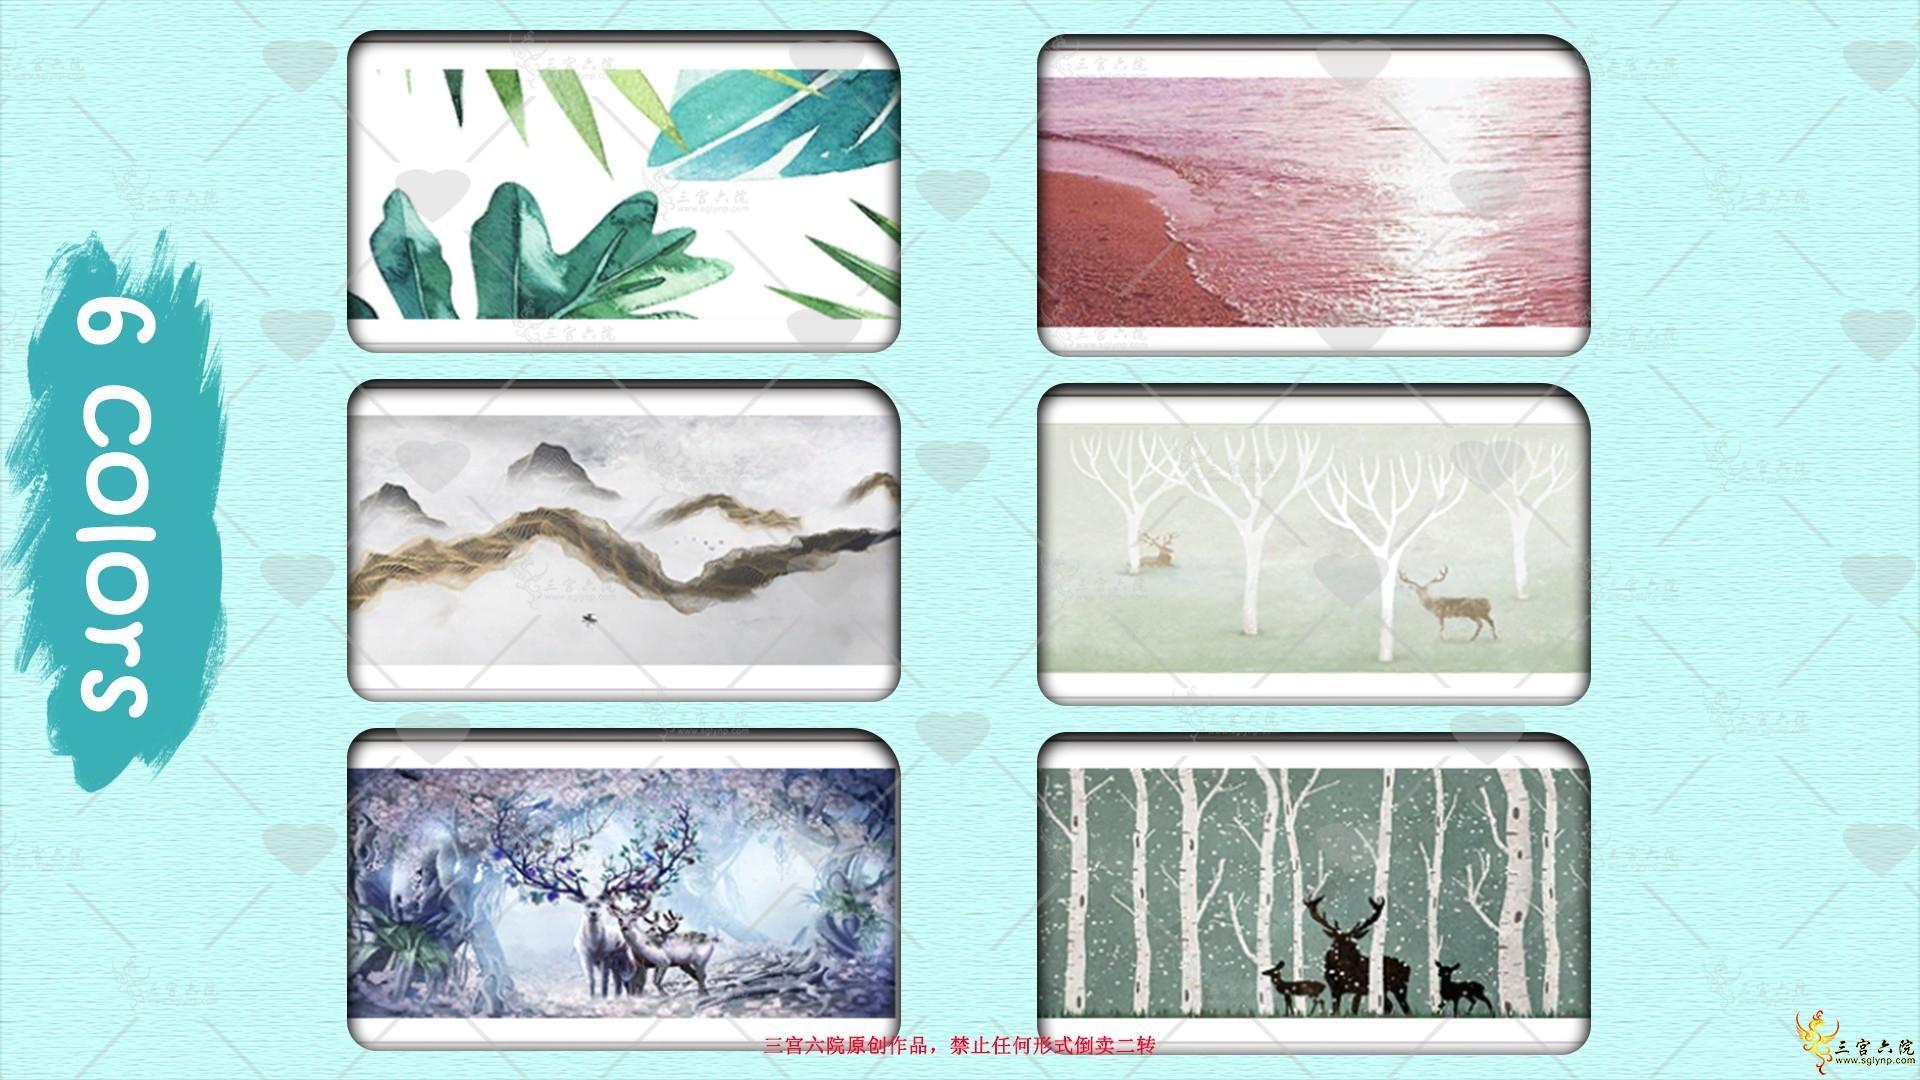 [xinxin]ins风横板挂画 (1).png